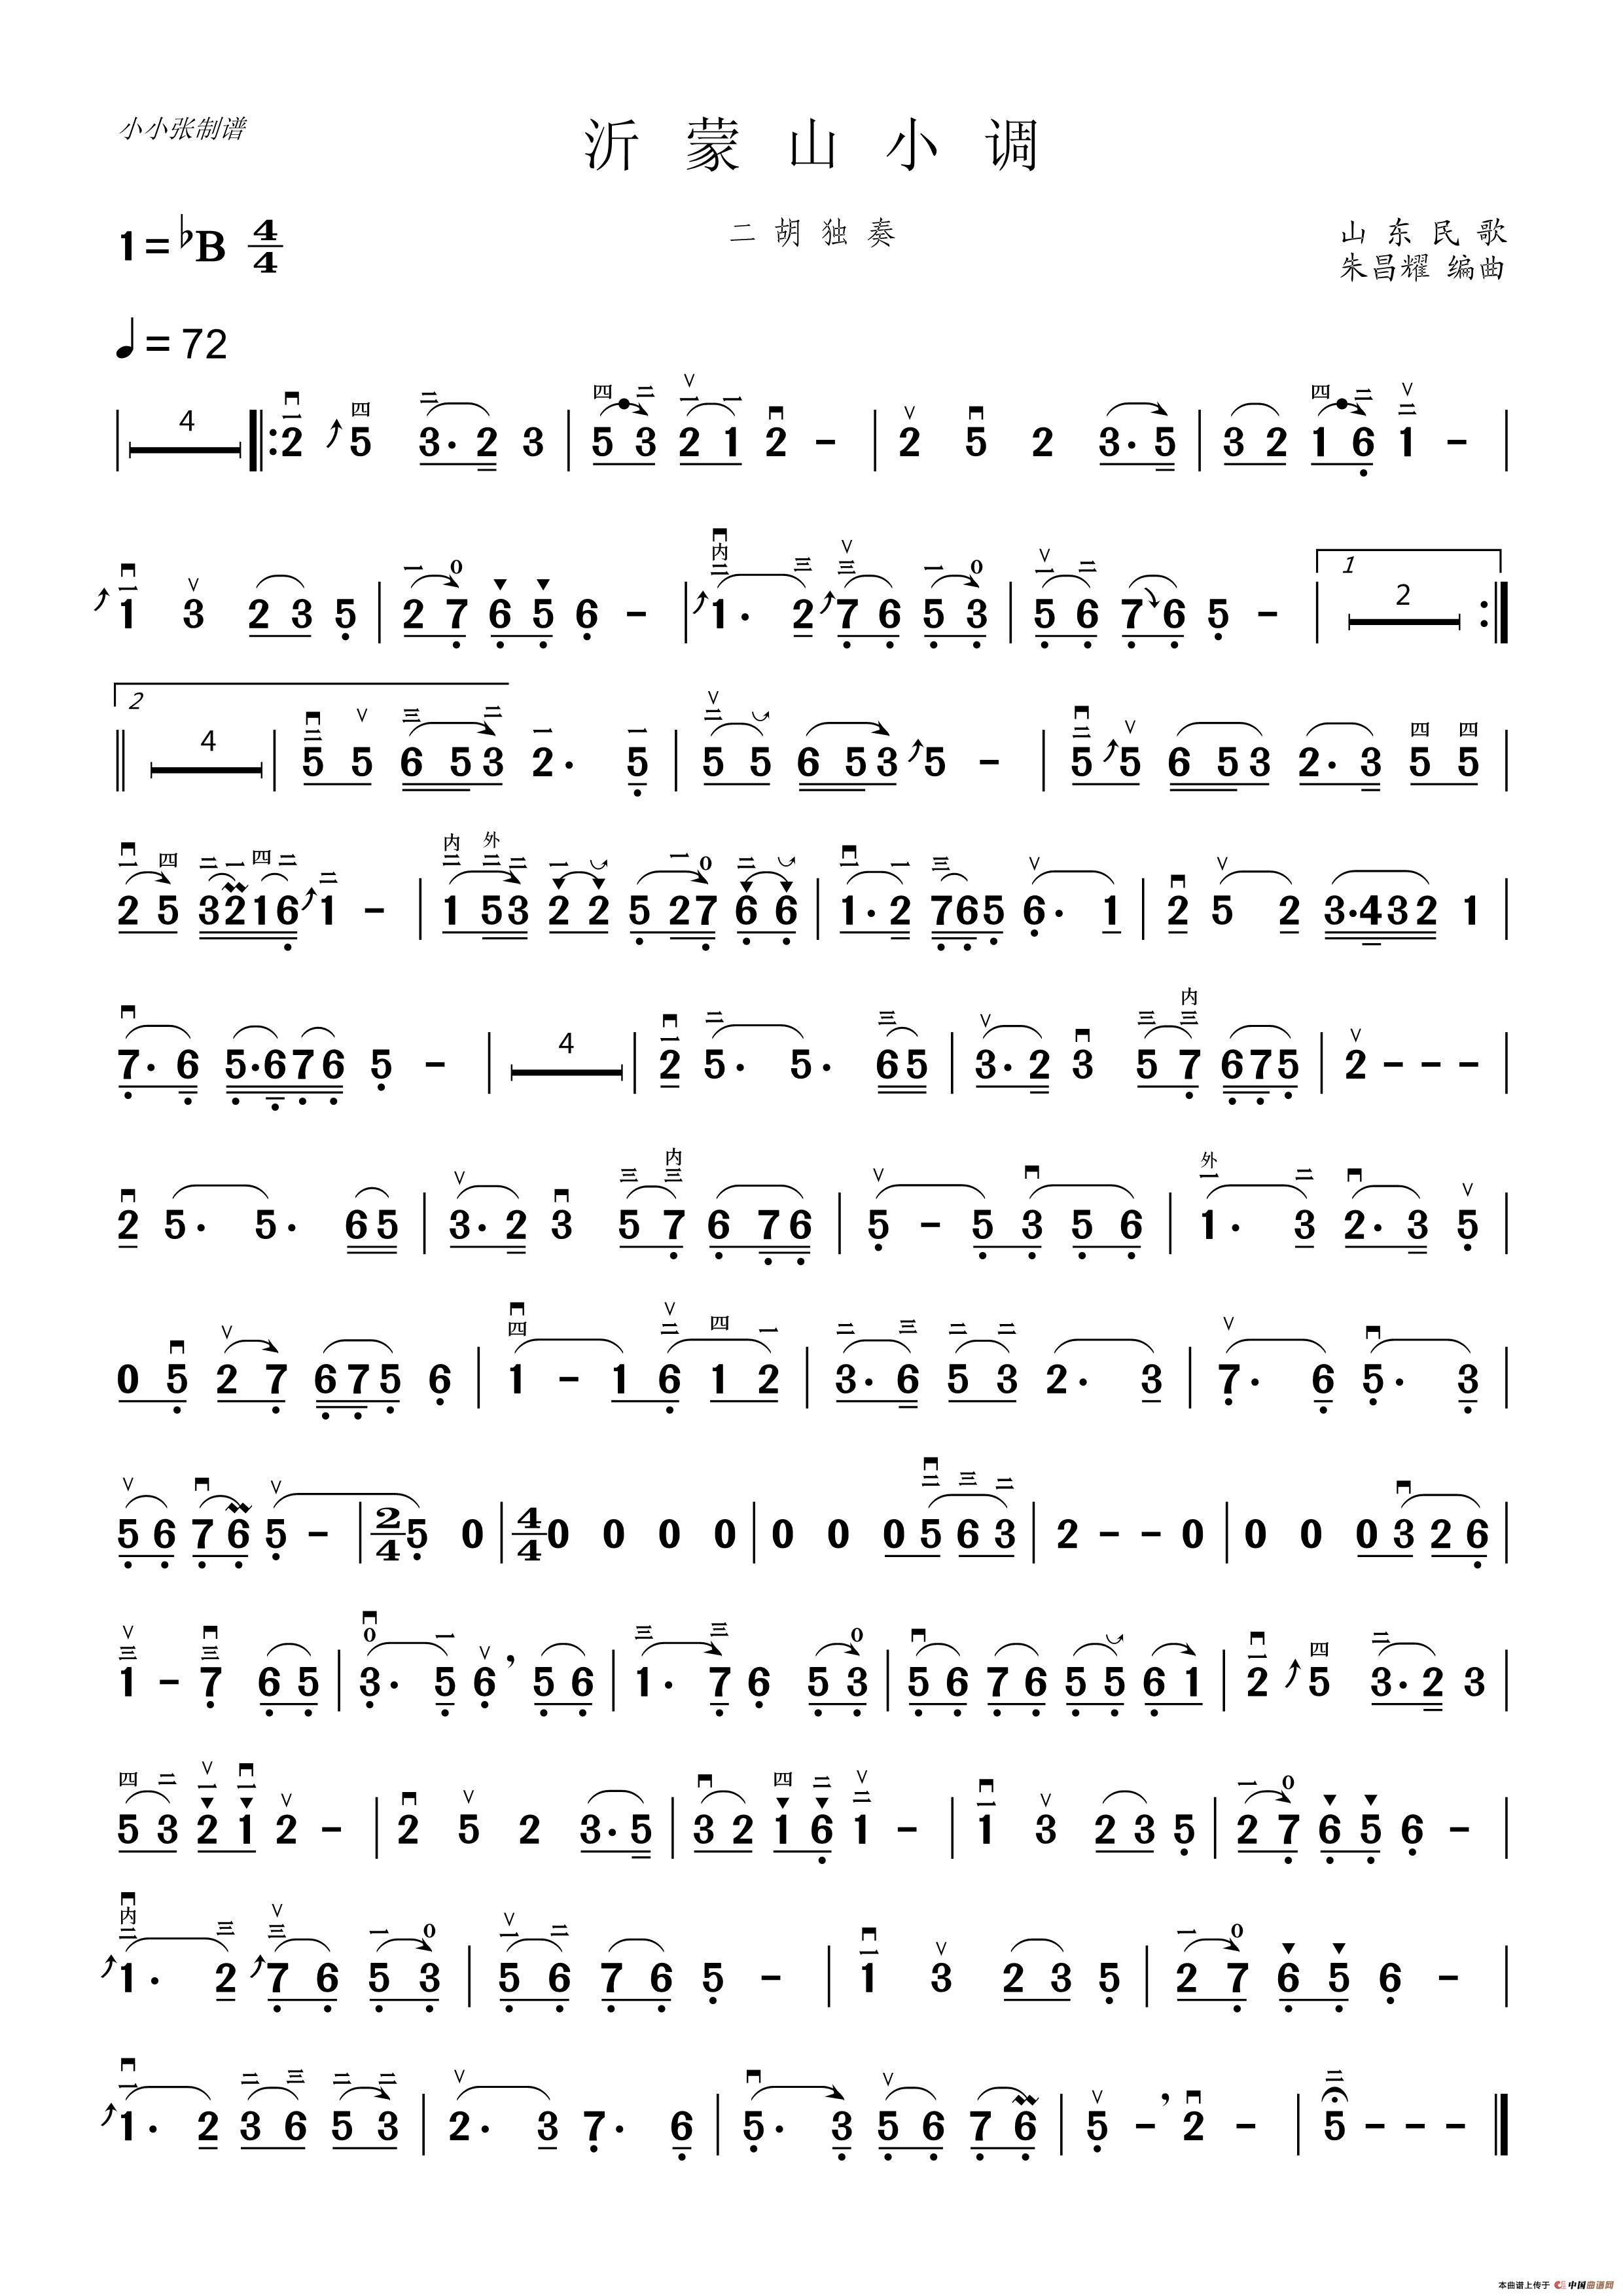 沂蒙山小调简谱 二胡独奏 小小张666个人制谱园地 中国曲谱网